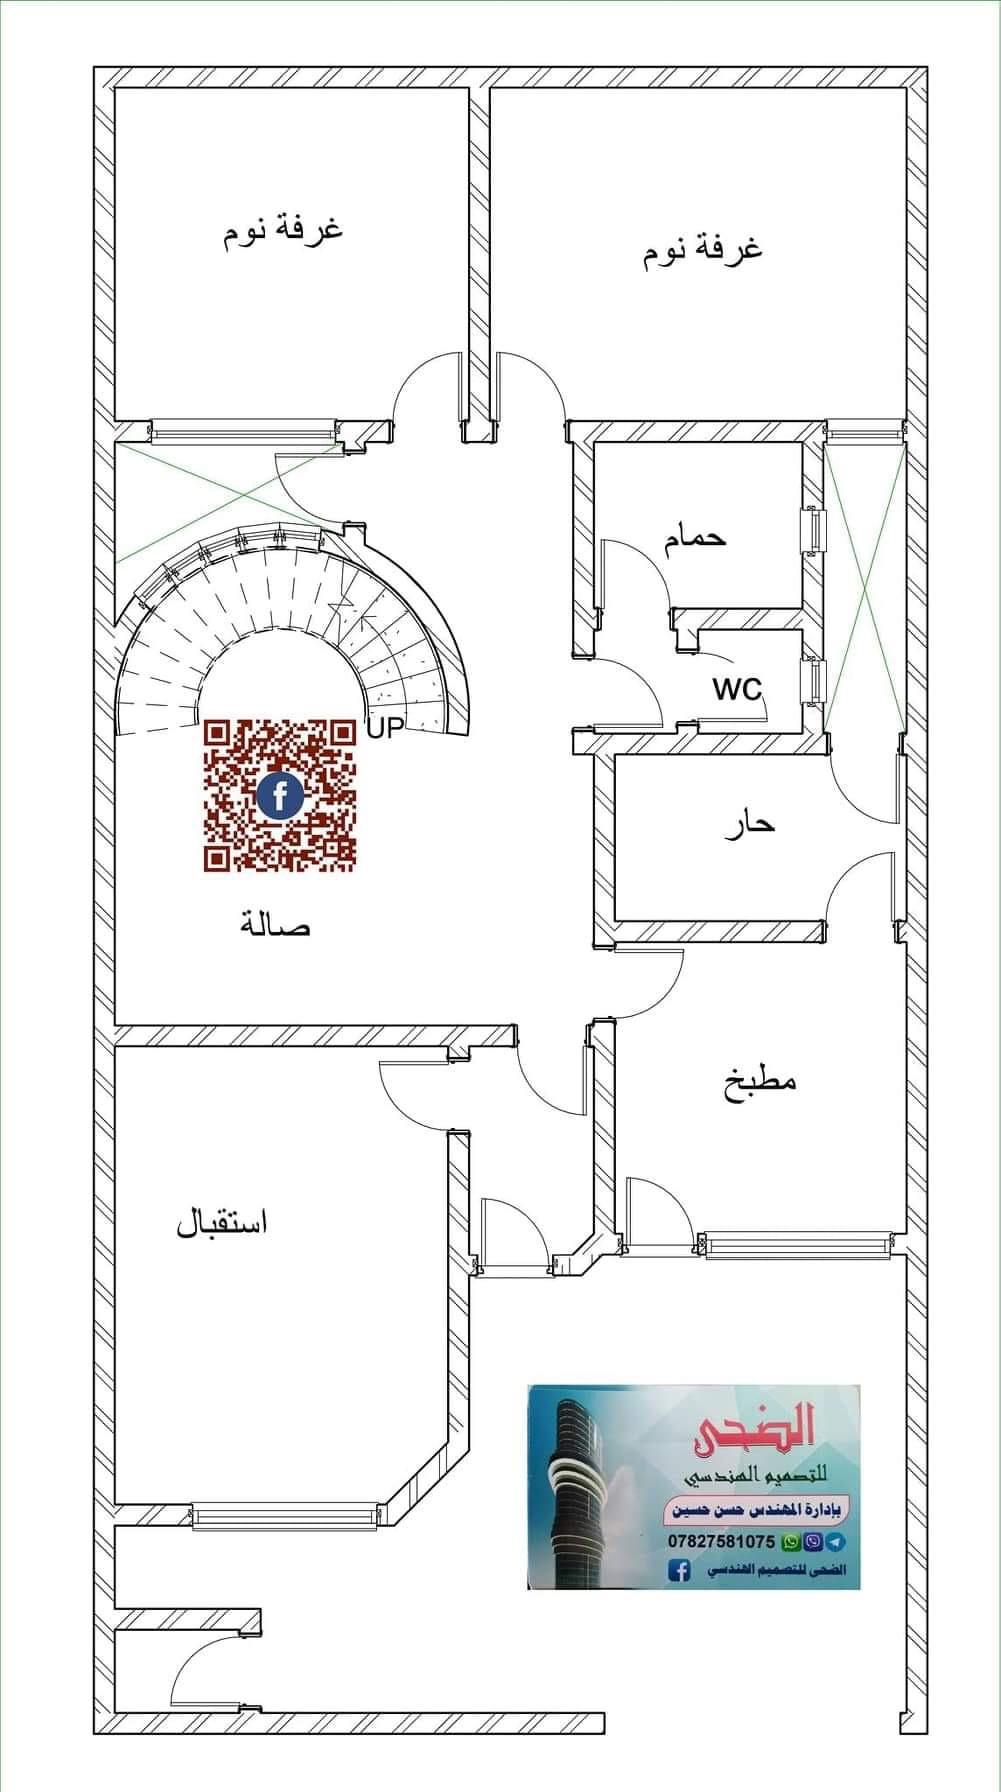 خرائط منازل عراقية خرايط منازل عراقية خرائط بيوت عراقية منتديات